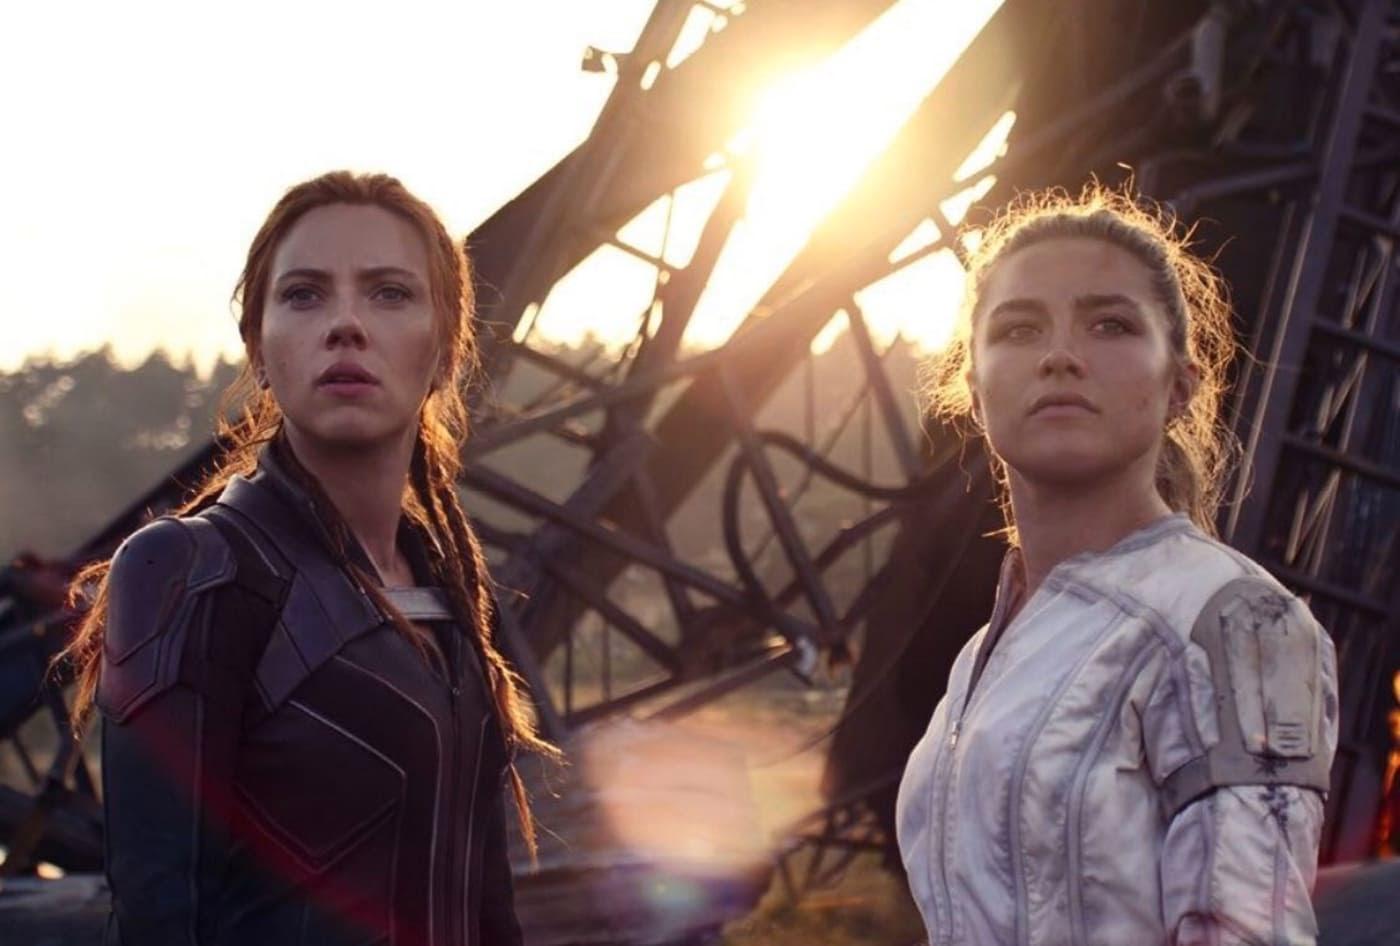 Black Widow : マーベルが待望の再スタートを切るスカーレット・ジョハンソン主演の「ブラック・ウィドウ」が、トータル・フィルム最新号のカバーに登場 ! !